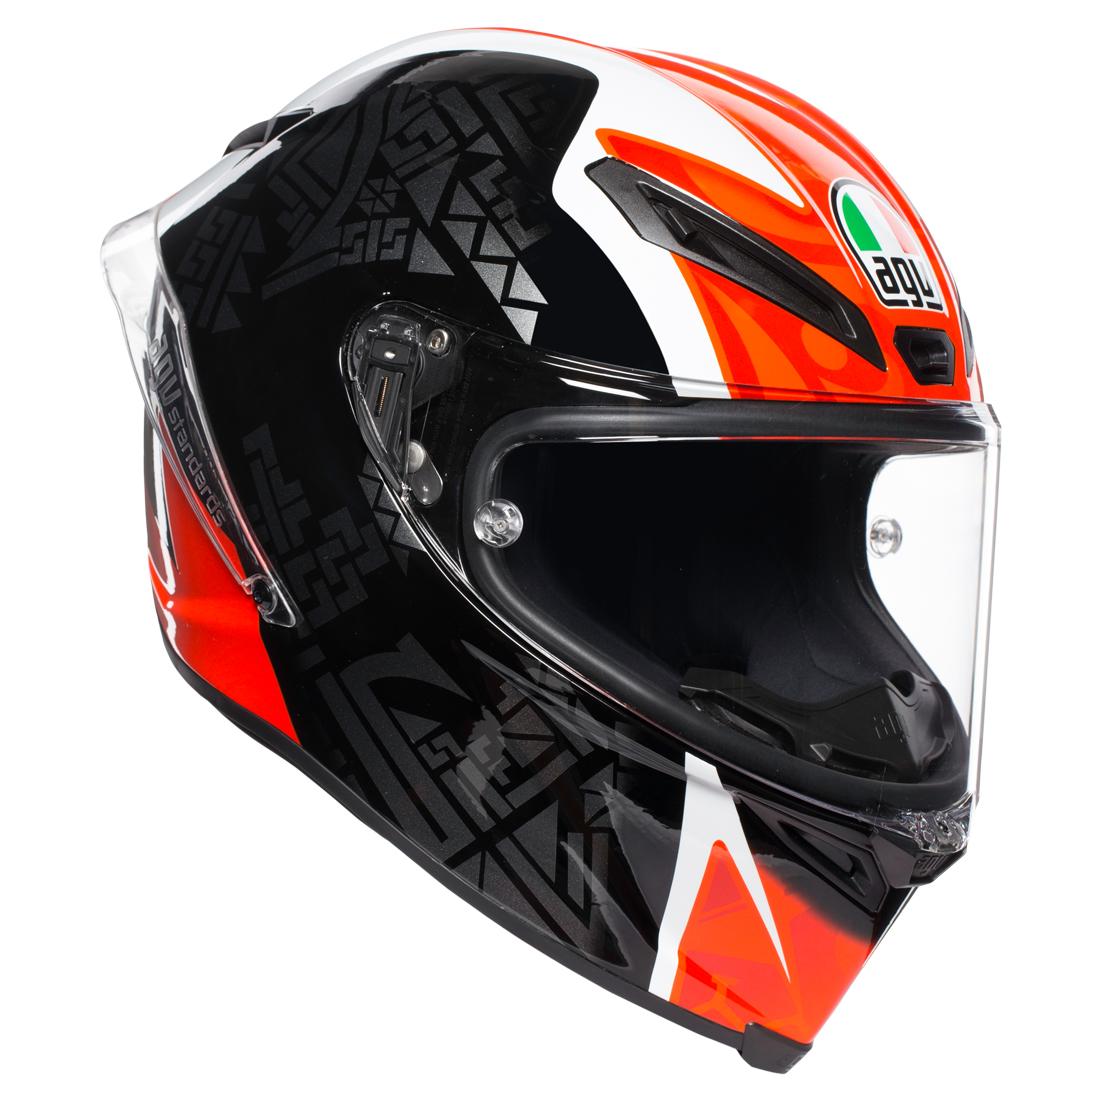 AGV フルフェイスヘルメット CORSA R 004-CASANOVA Mサイズ